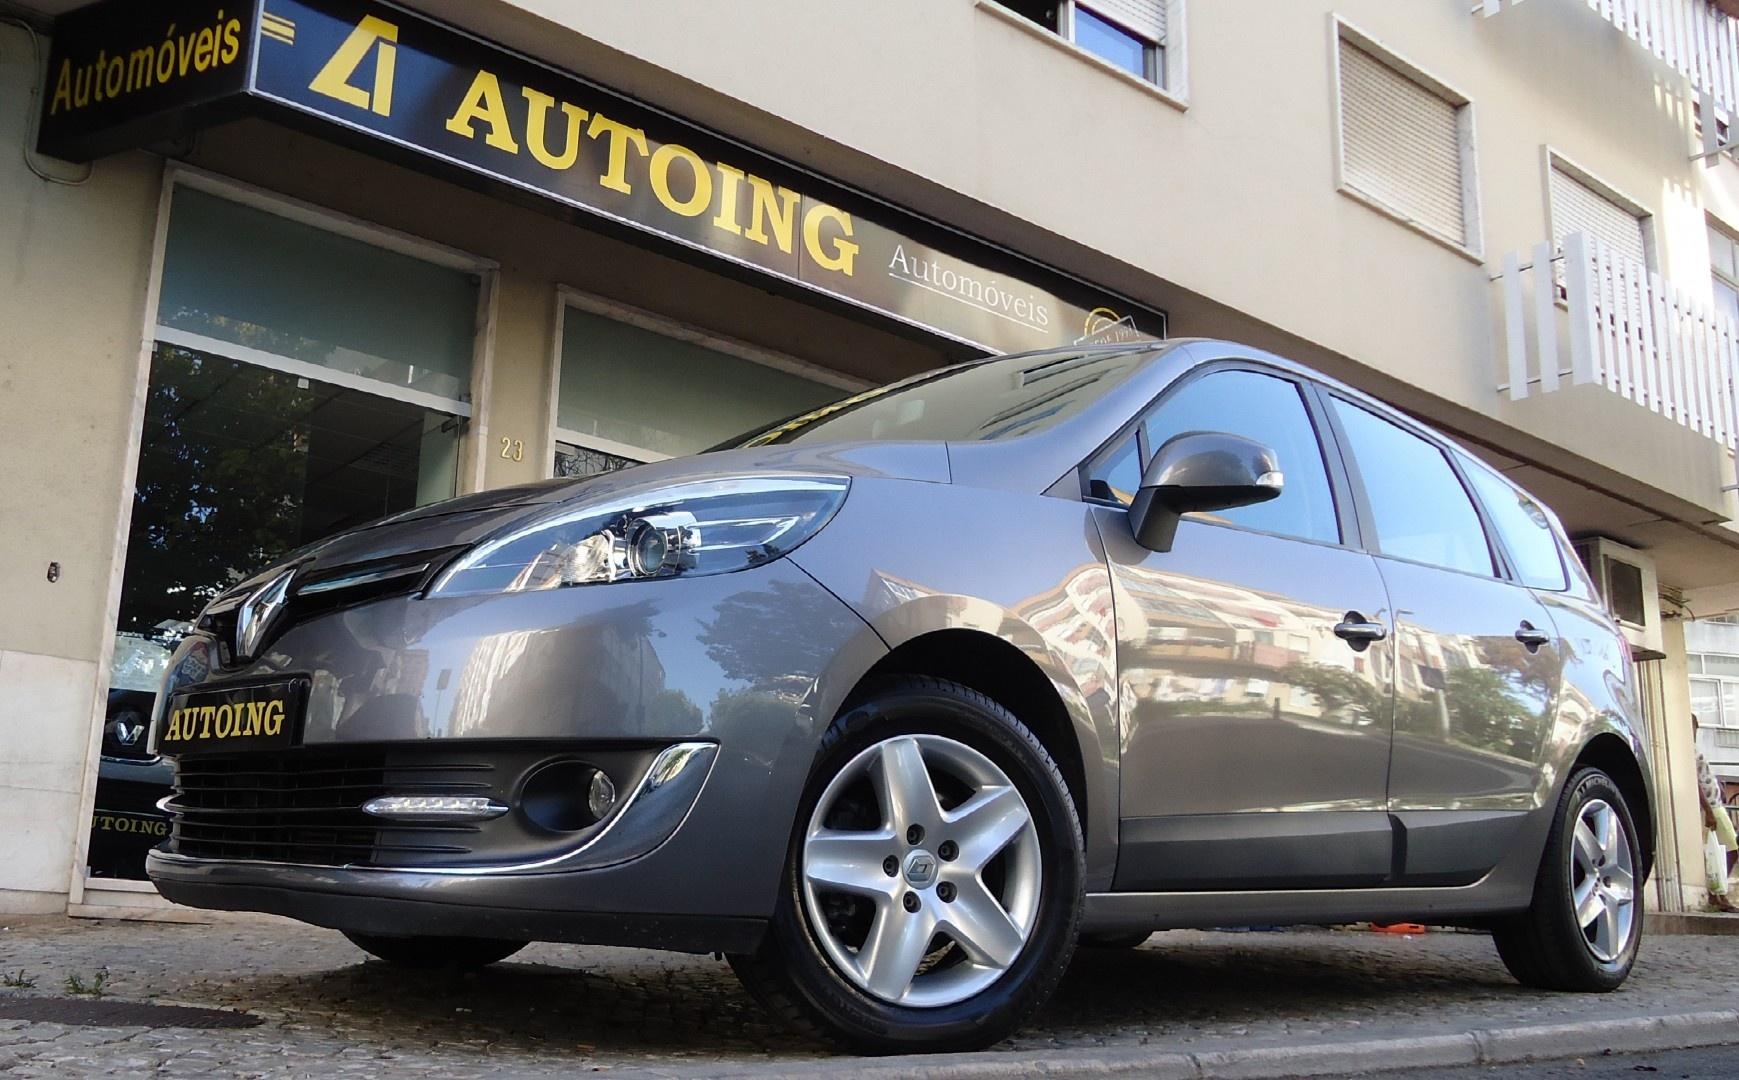 Renault Grand Scénic 1.5 DCI 110CV DINAMIC 7 LUG